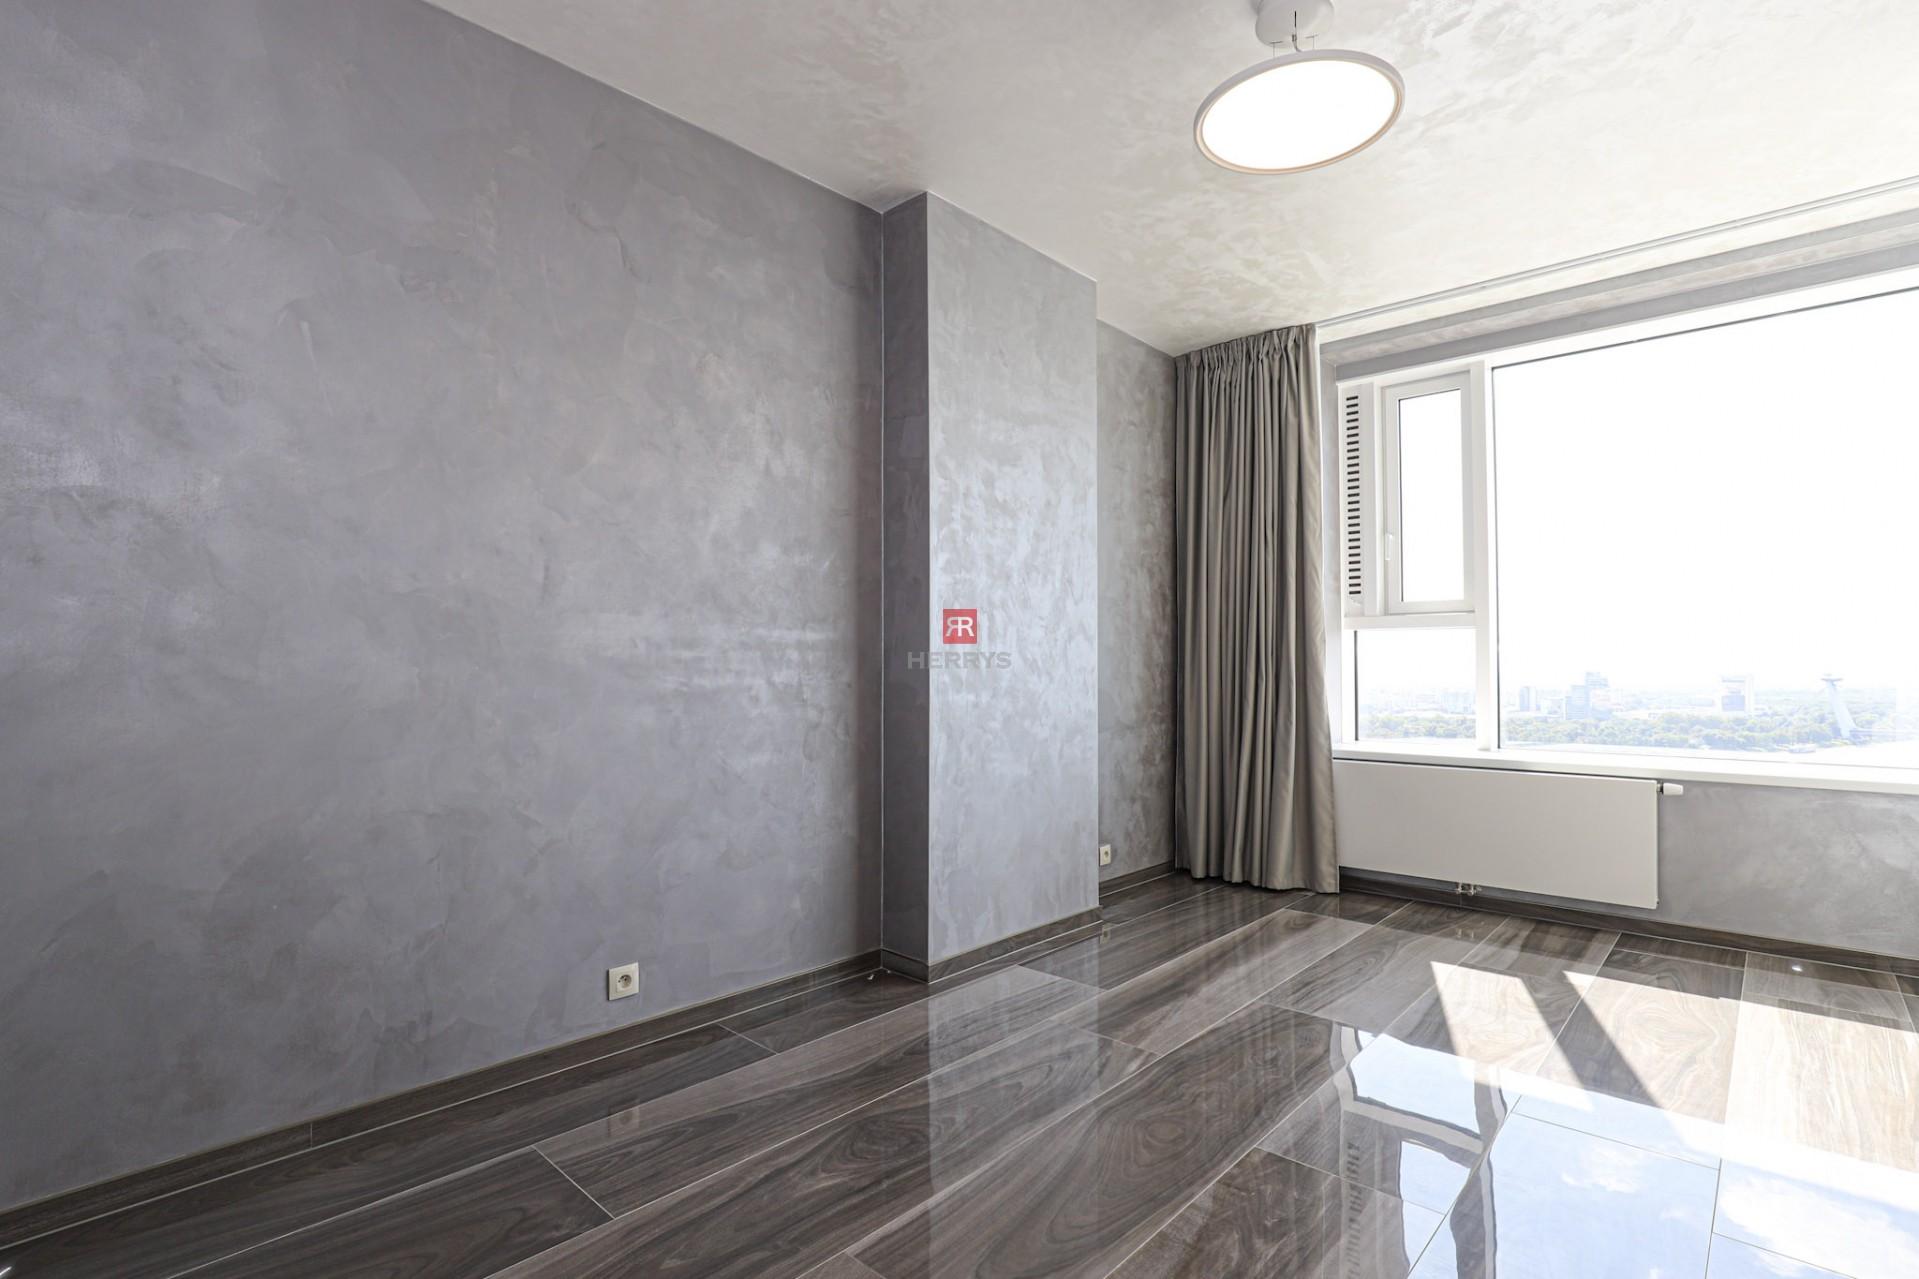 HERRYS - Na prenájom moderného a nového 3 izbového bytu na 30 p. s výhľadom na Bratislavský hradv projekte Panorama City